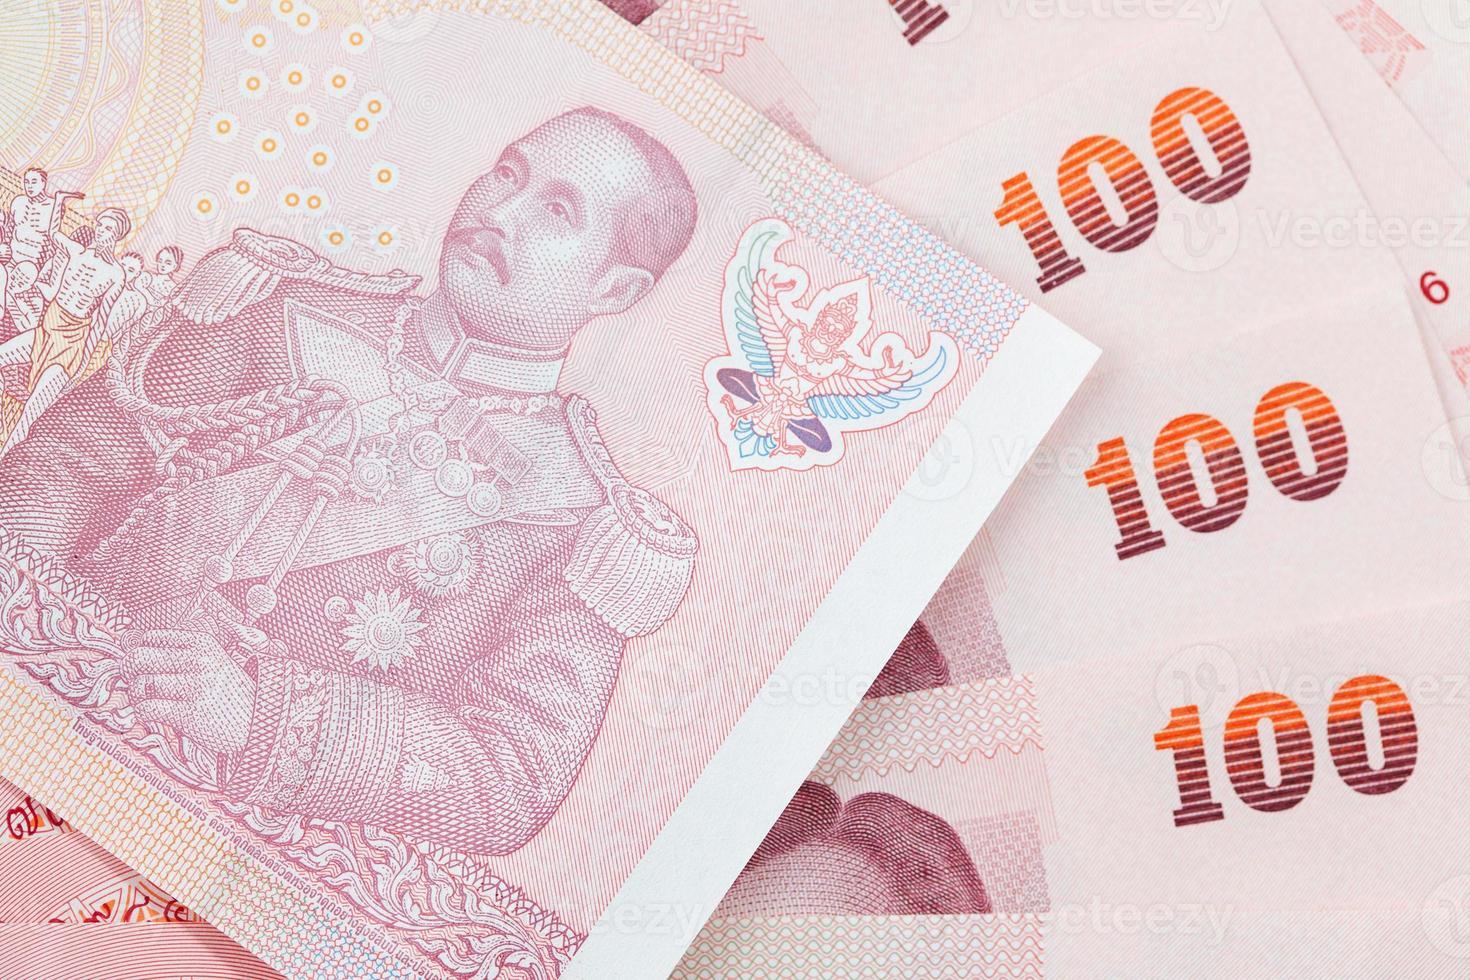 fundo de dinheiro tailandês foto